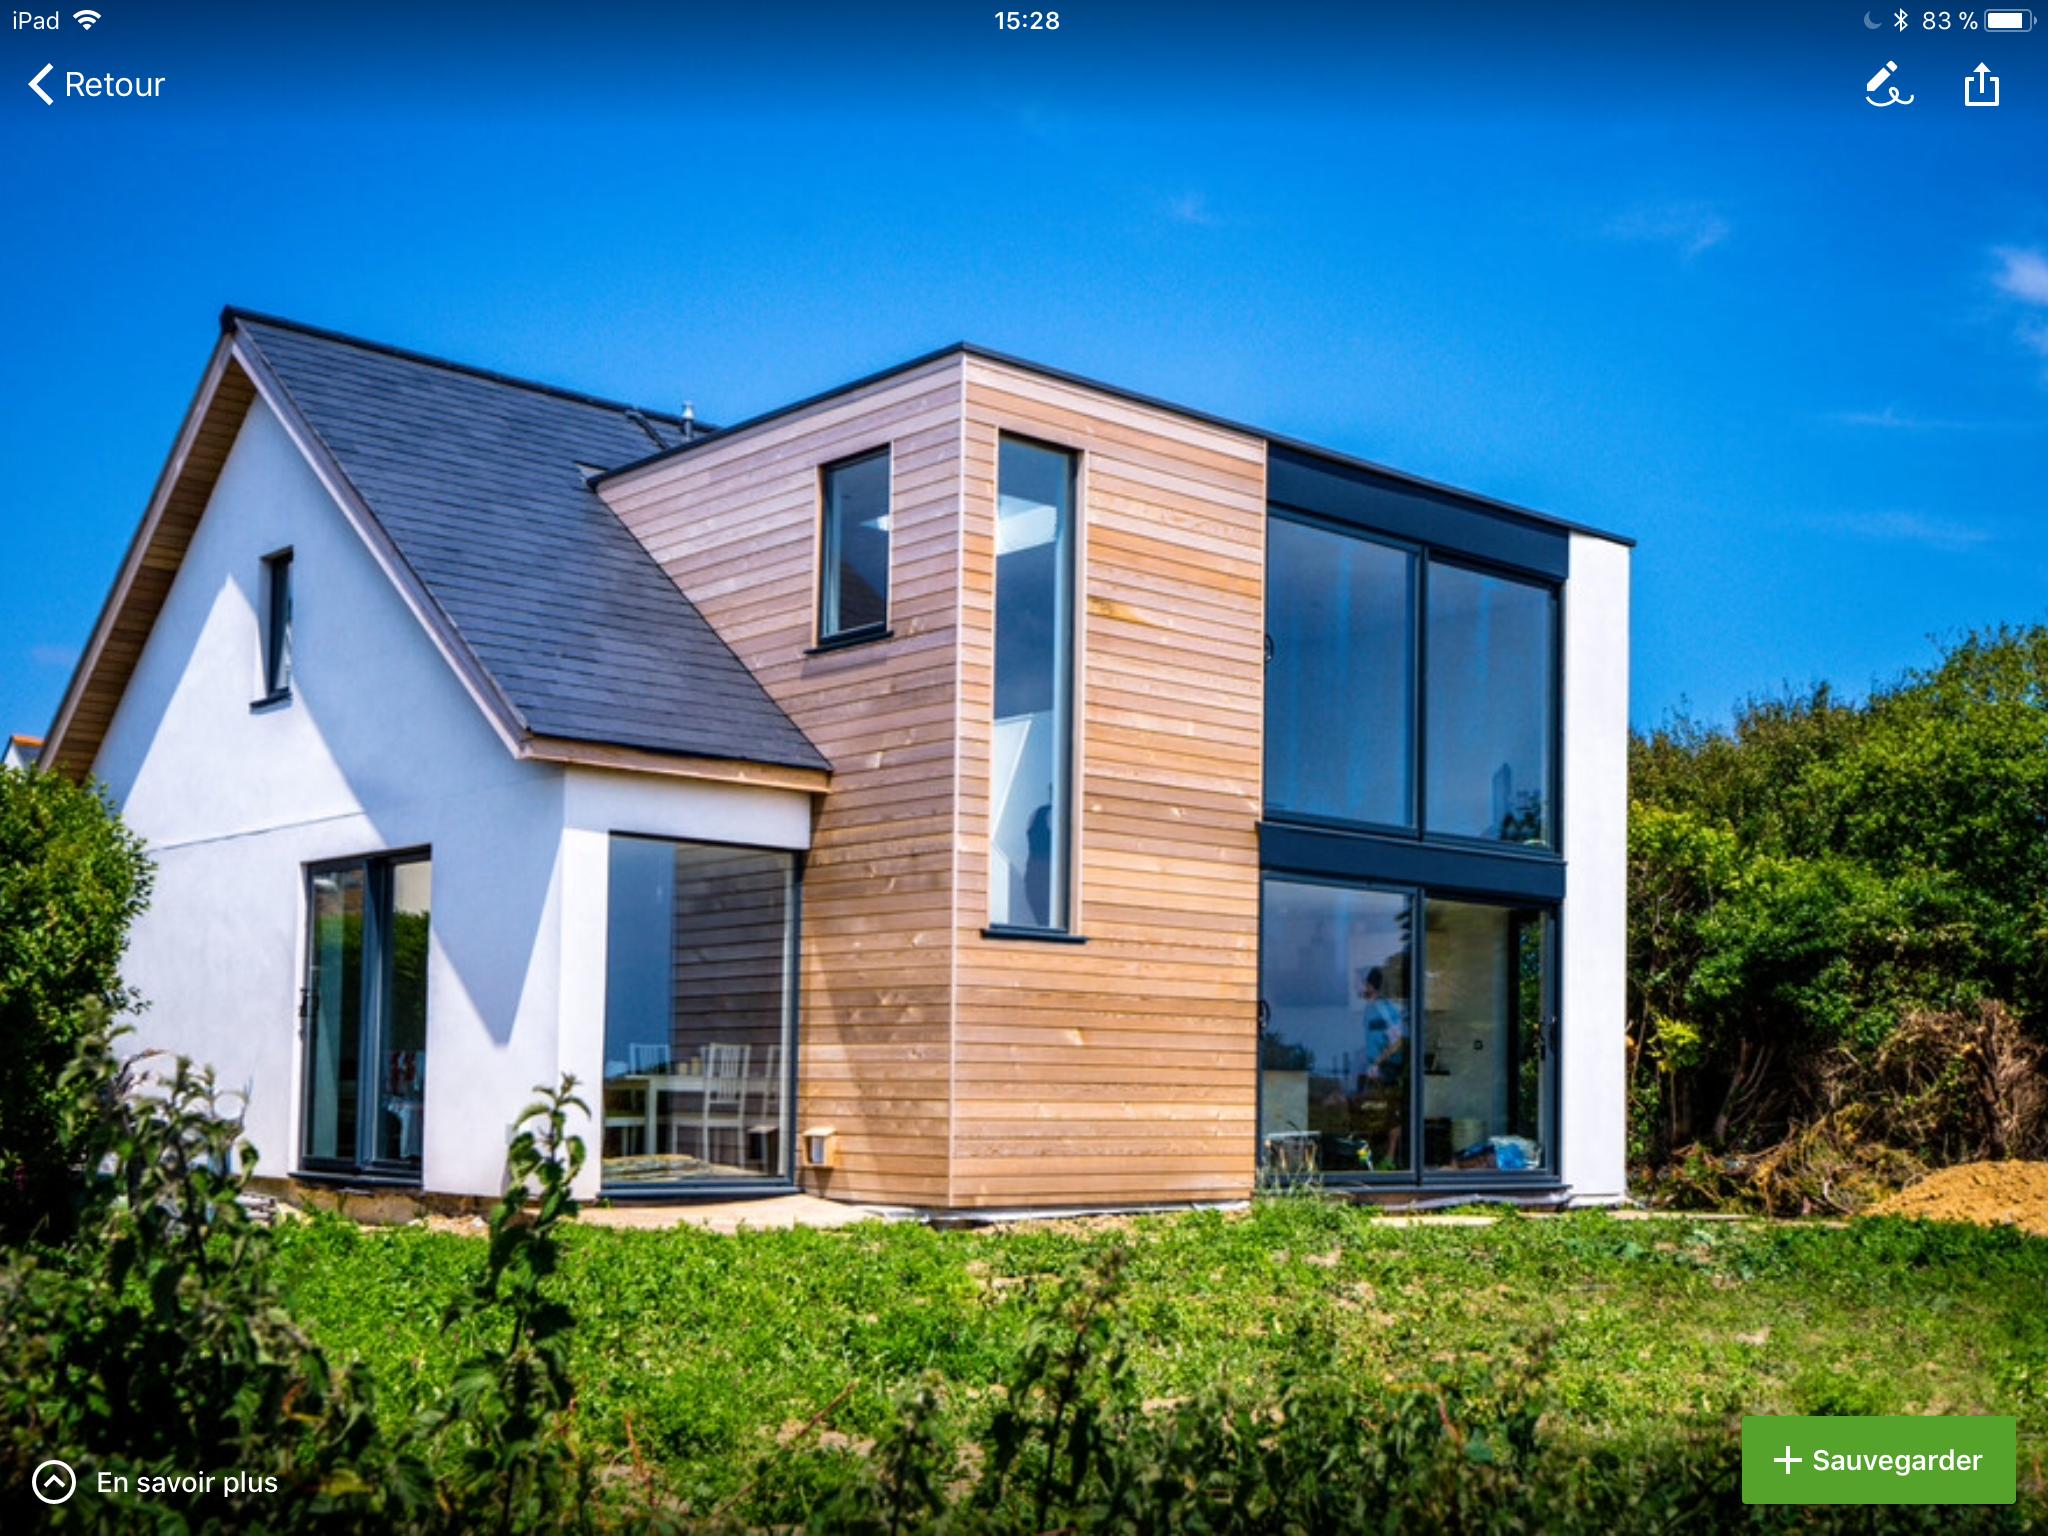 pin von hafida yak auf architecture pinterest haus architektur und haus bauen. Black Bedroom Furniture Sets. Home Design Ideas